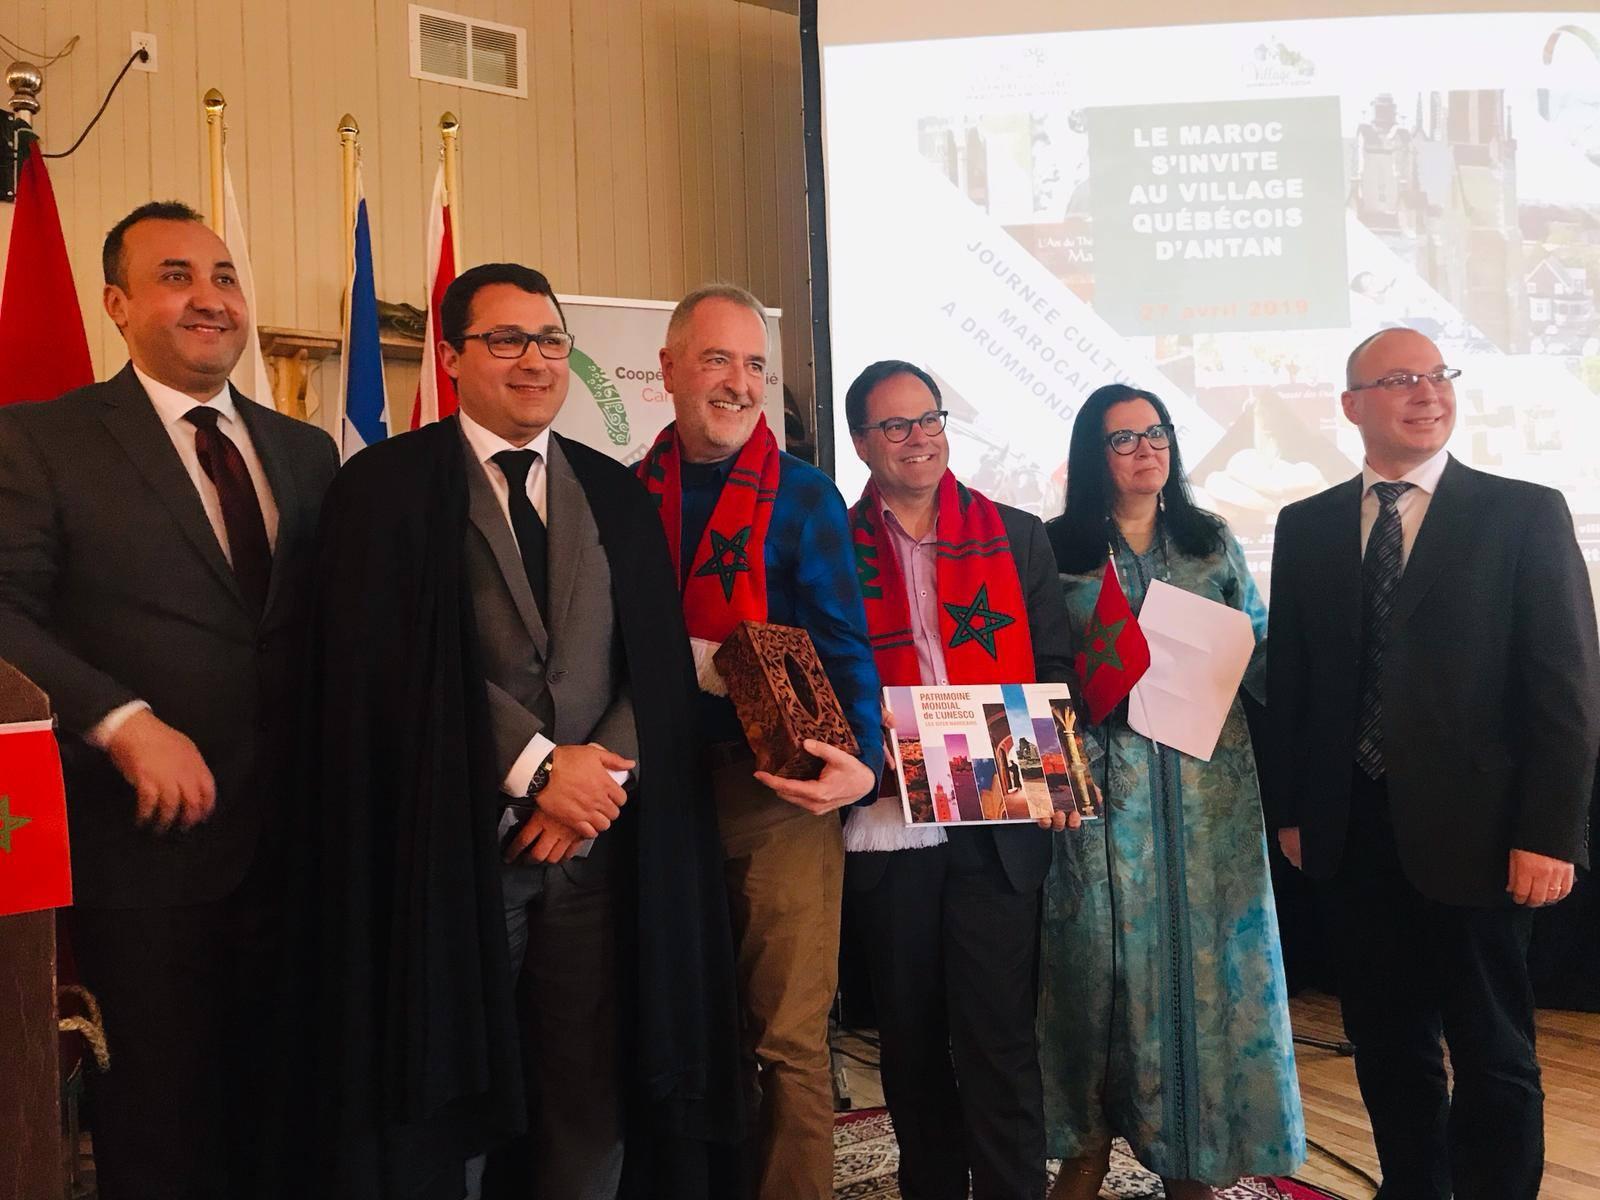 La culture marocaine du partage et du vivre-ensemble à l'honneur au Québec